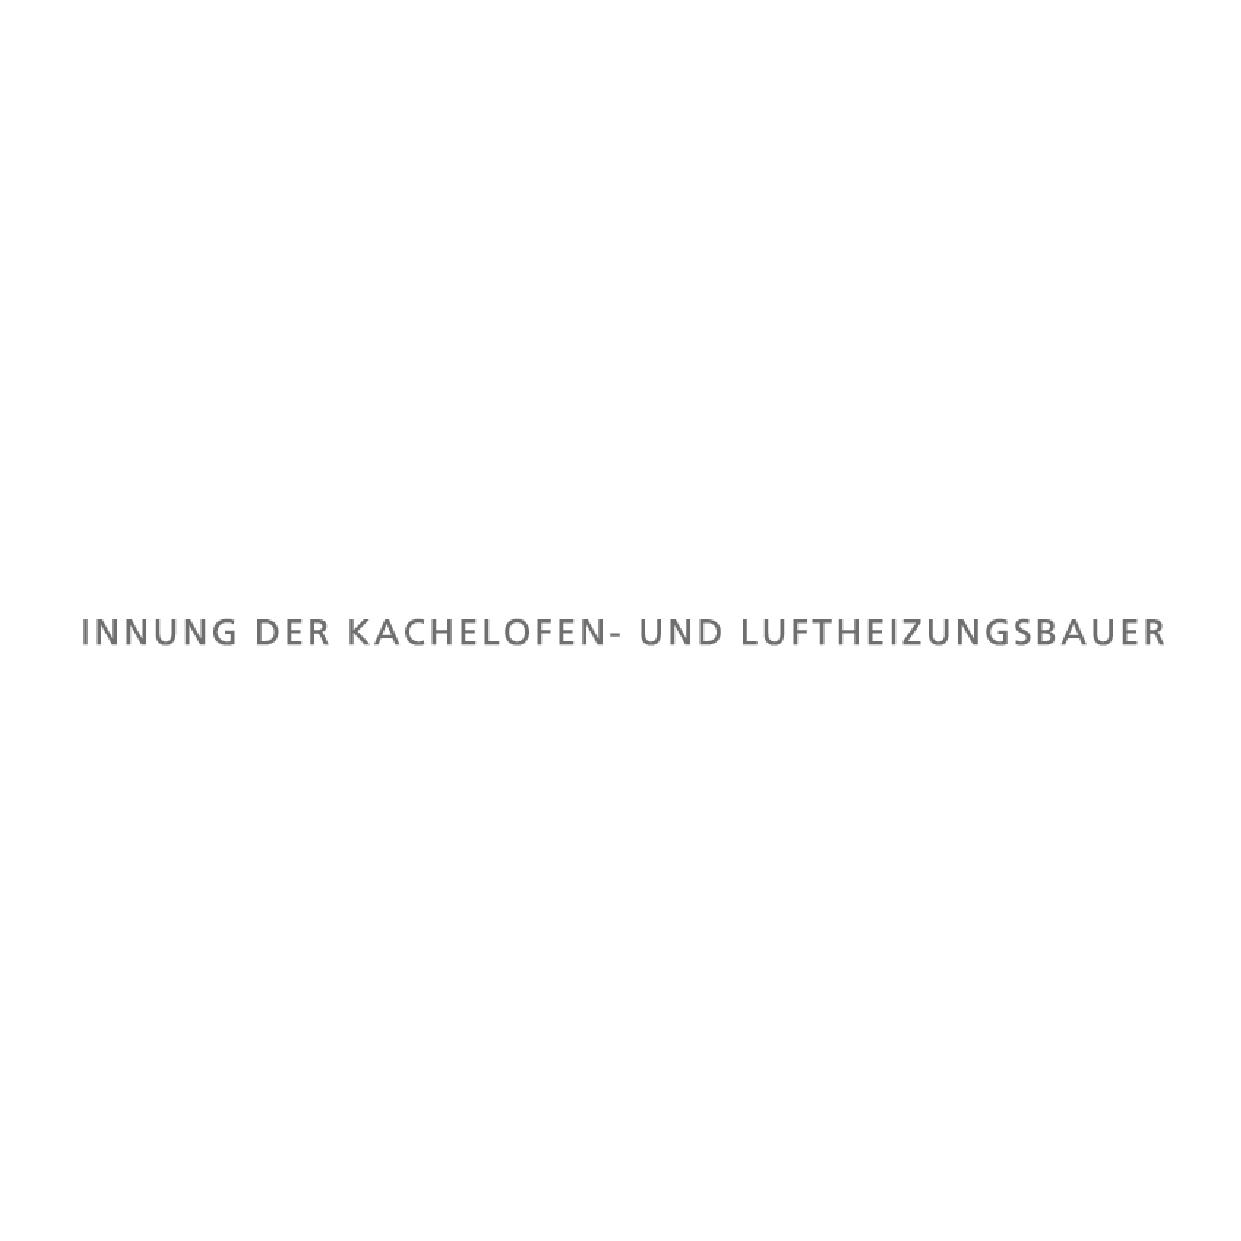 Logo_Innung_Kachelofenbauer_Zeichenfläche 1.jpg